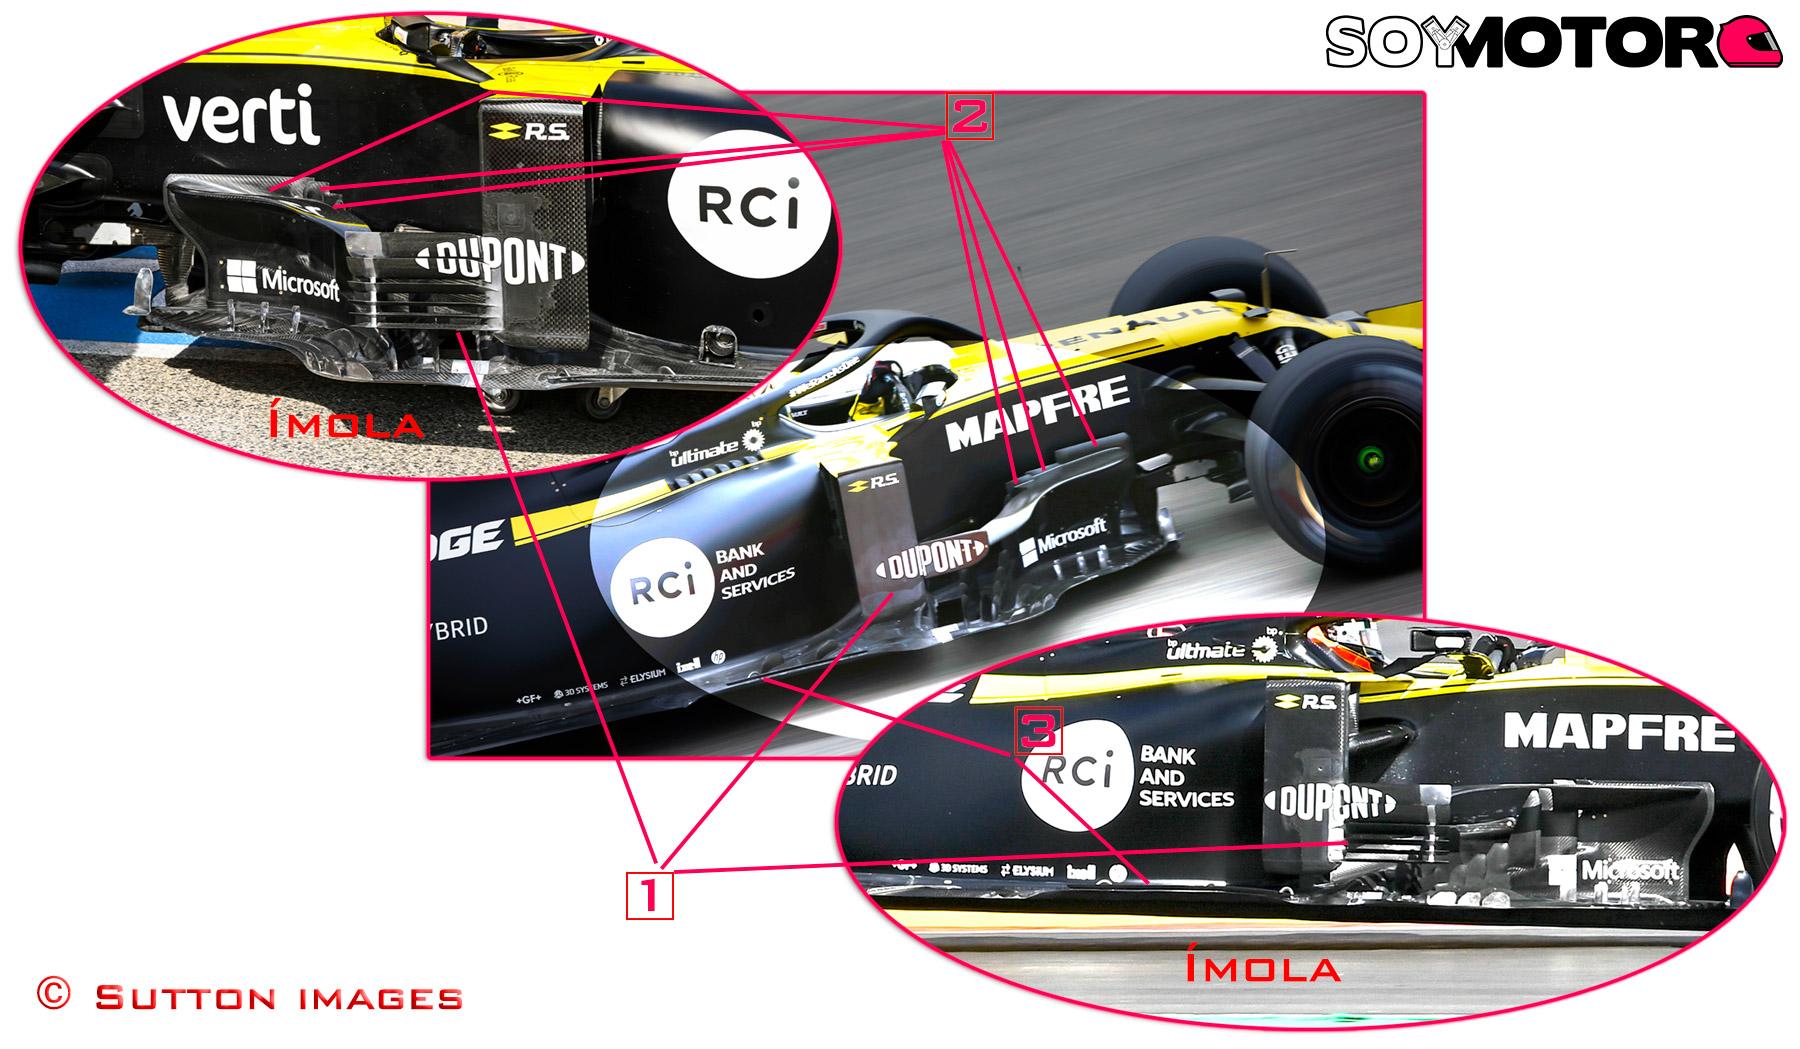 renault-nuevo-bargeboard-soymotor.jpg